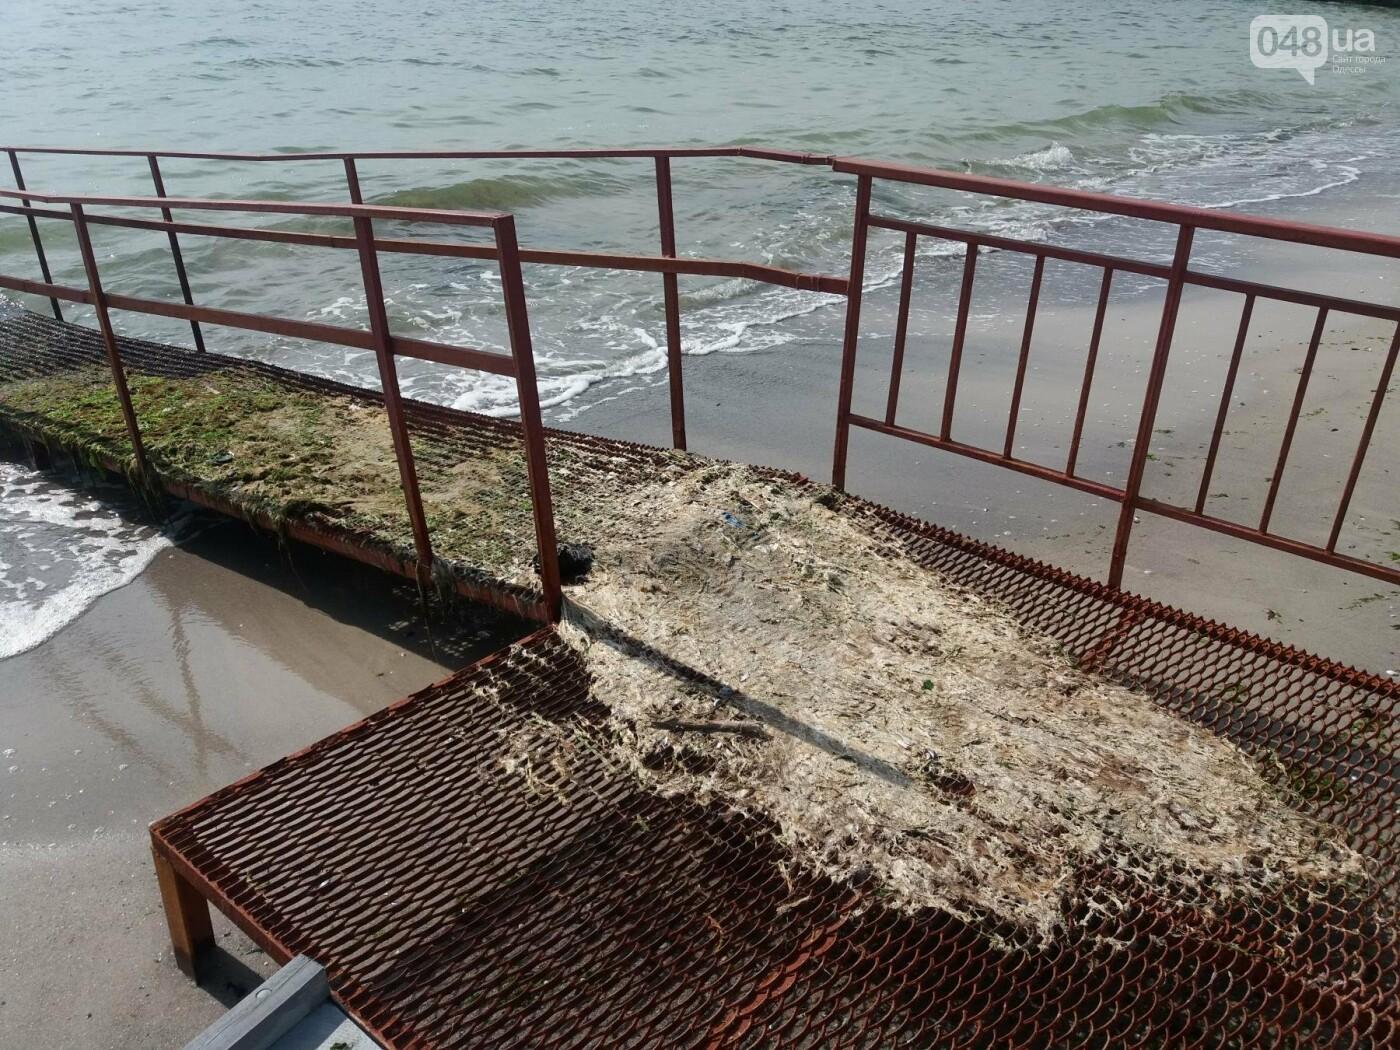 Потрясающий цинизм: как одесские чиновники благоустроили пляж для людей с инвалидностью, - ФОТО , фото-13